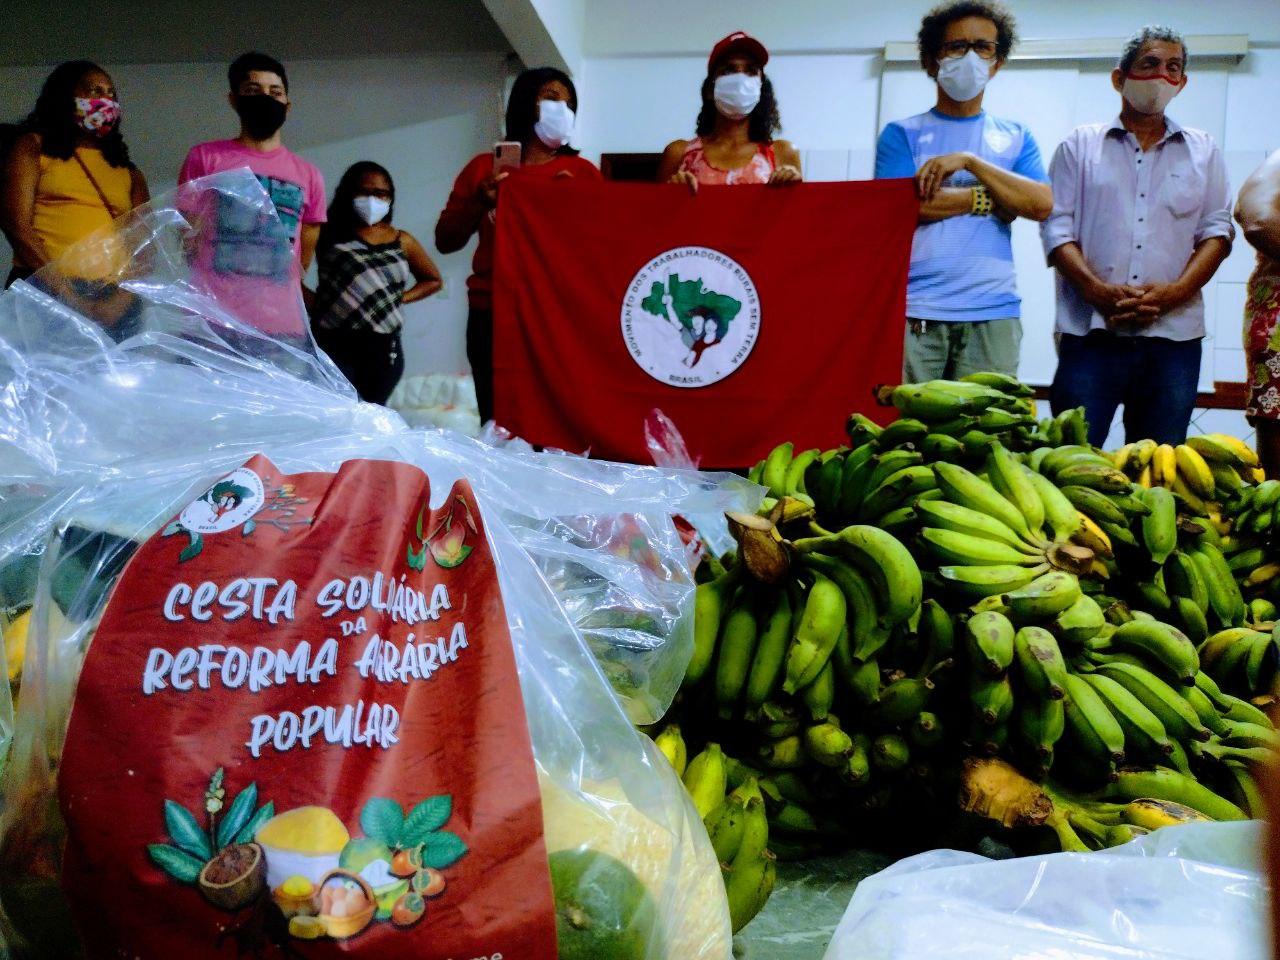 No enfrentamento à pandemia, MST doa 10 toneladas de alimentos à população de Belém